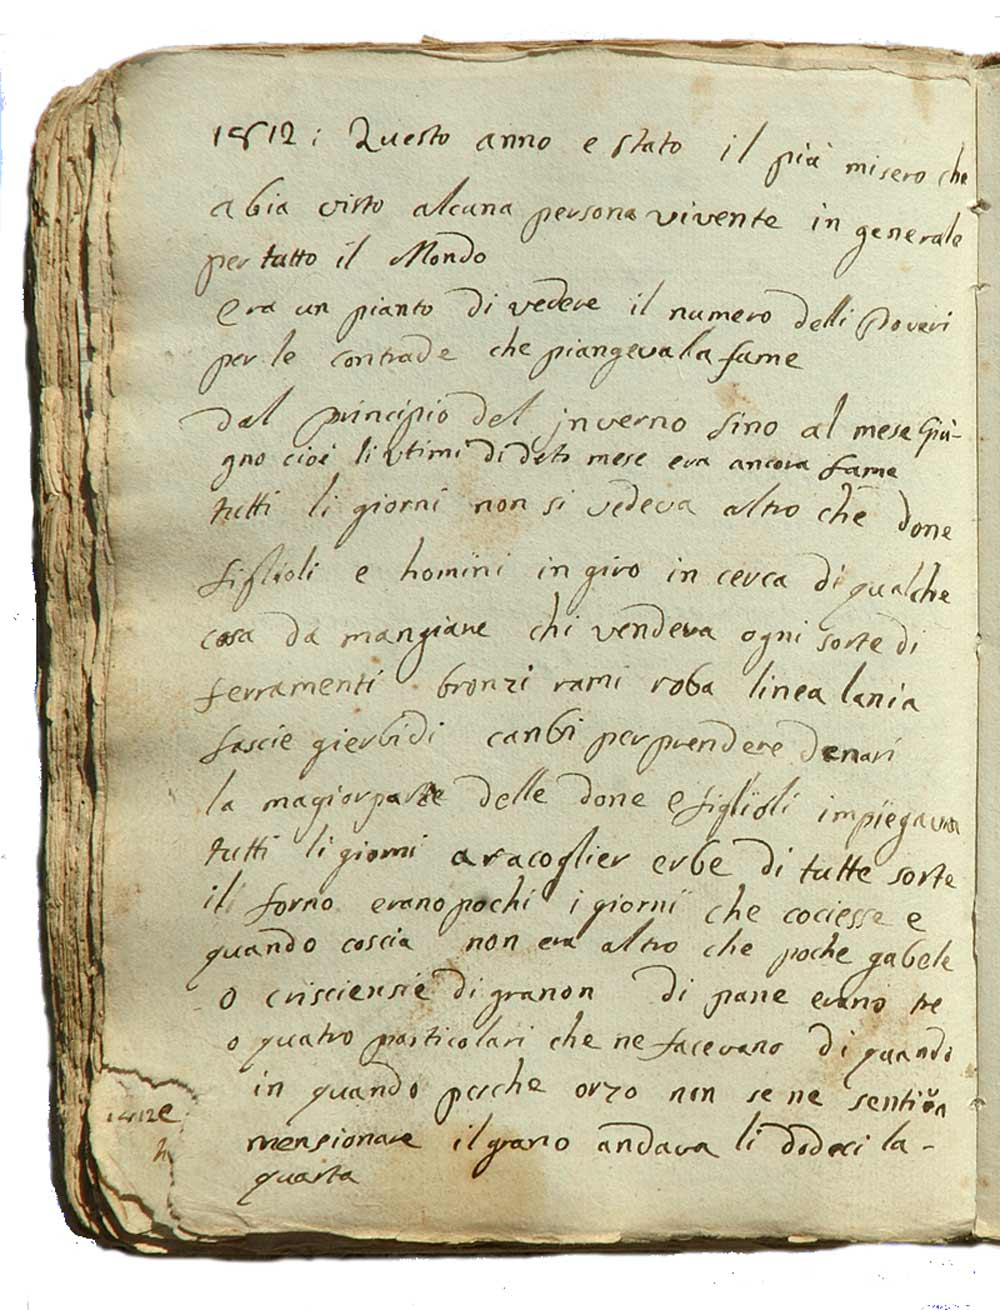 Pagina del manoscritto di Gio Antonio Cane